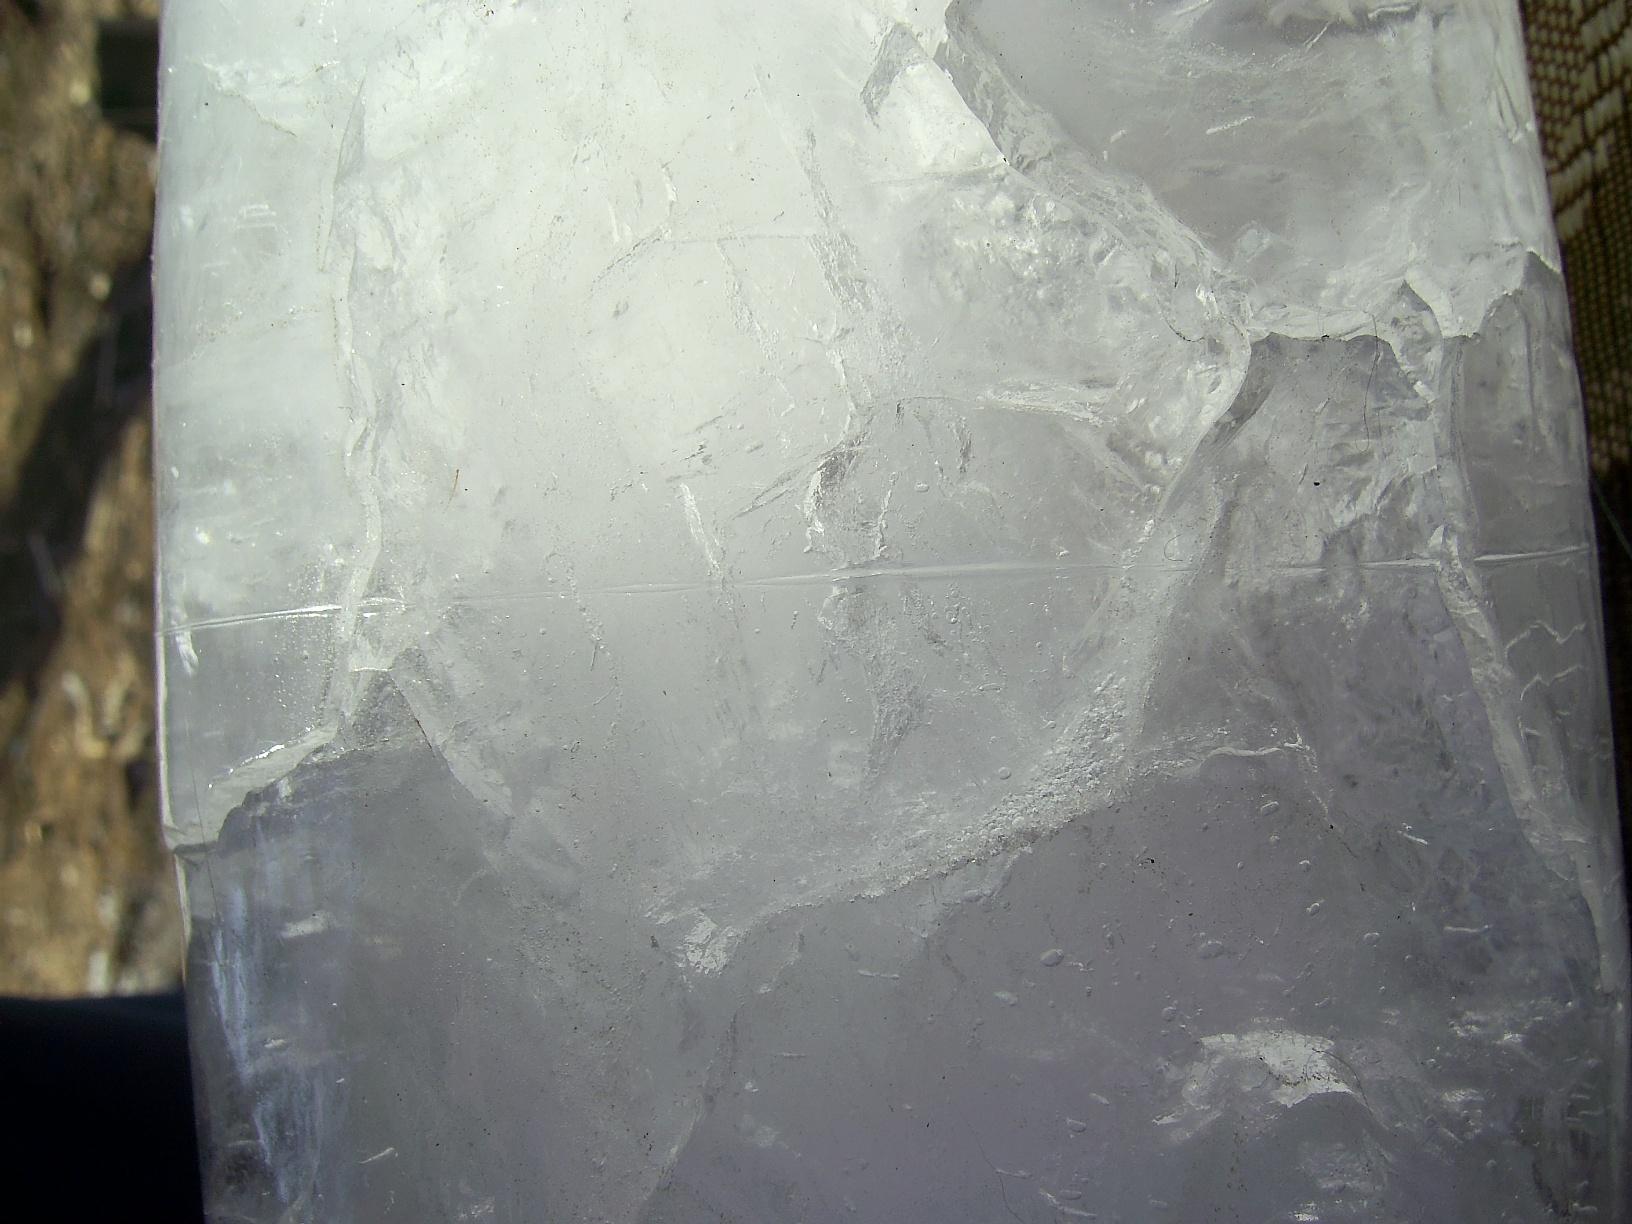 Разрезание льда (лед под давлением)